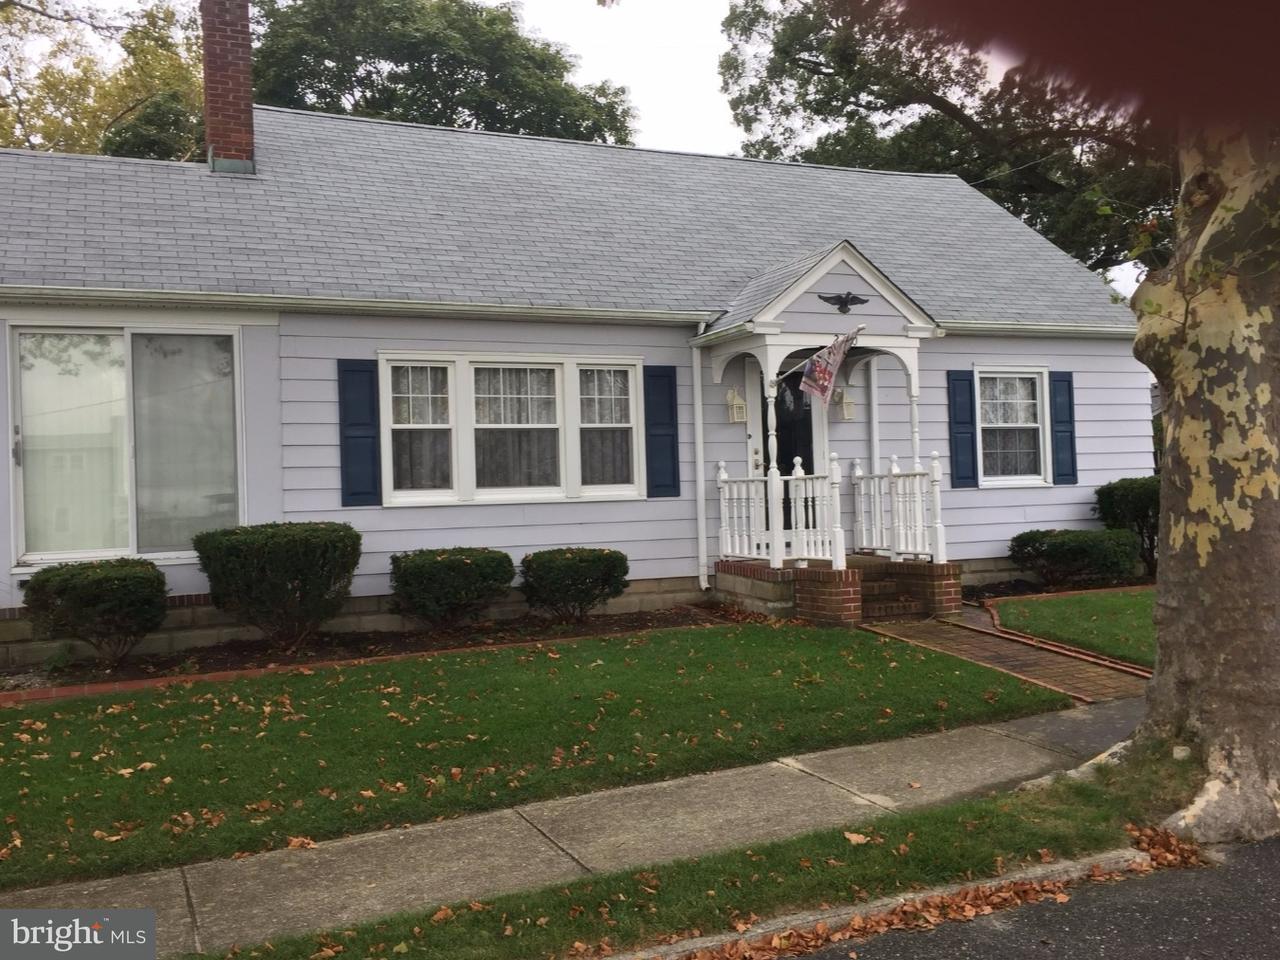 Частный односемейный дом для того Продажа на 200 EUCLID Drive Absecon, Нью-Джерси 08201 Соединенные Штаты